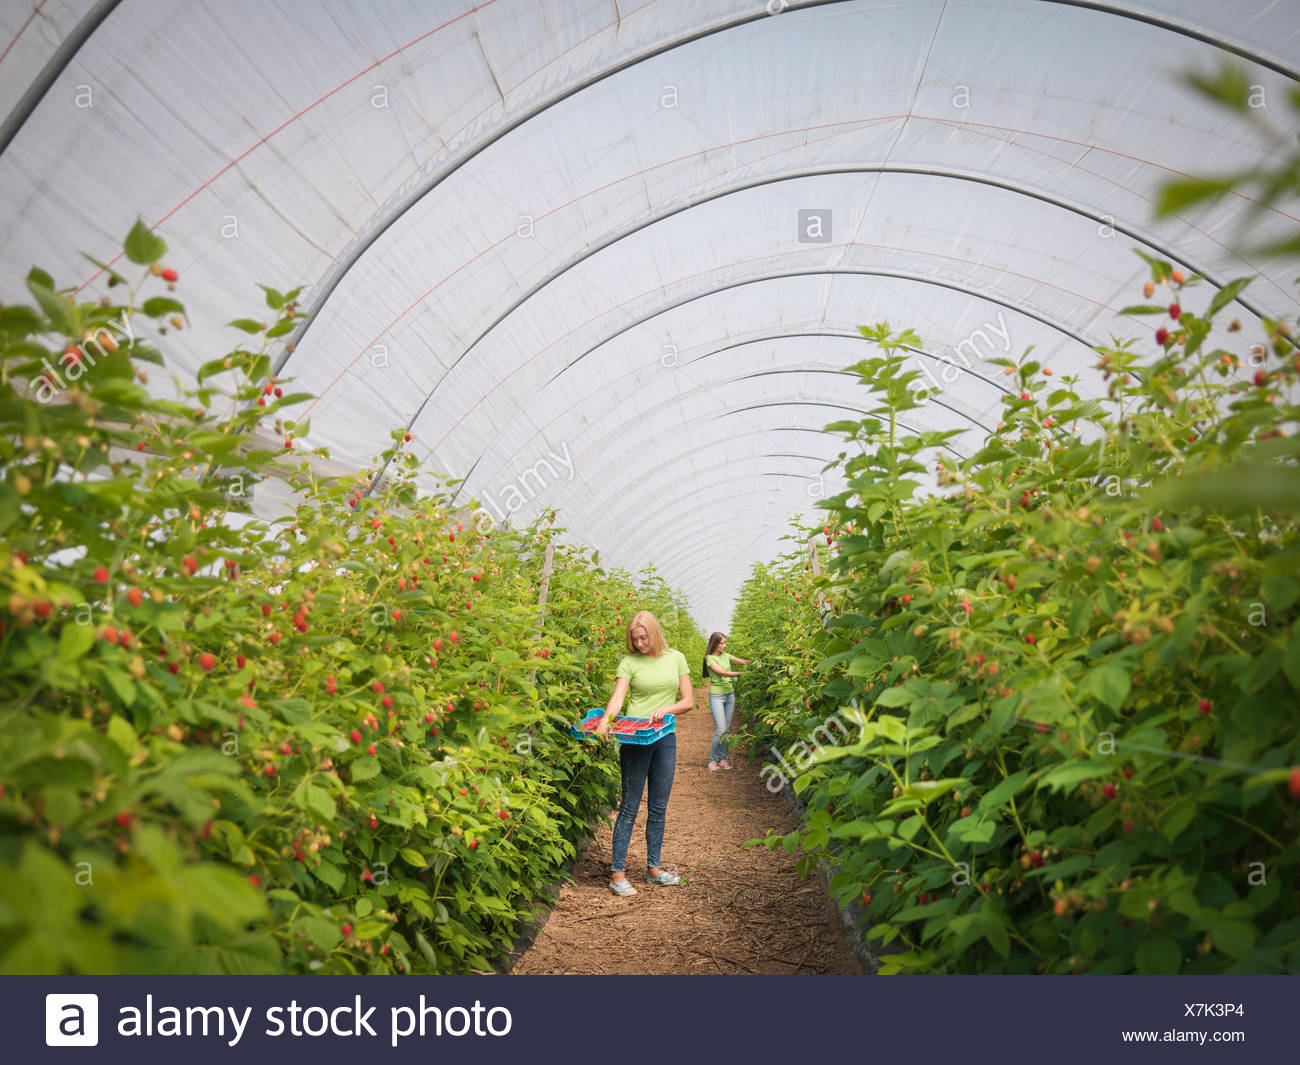 Arbeiter pflücken Himbeeren im Obsthof Stockbild